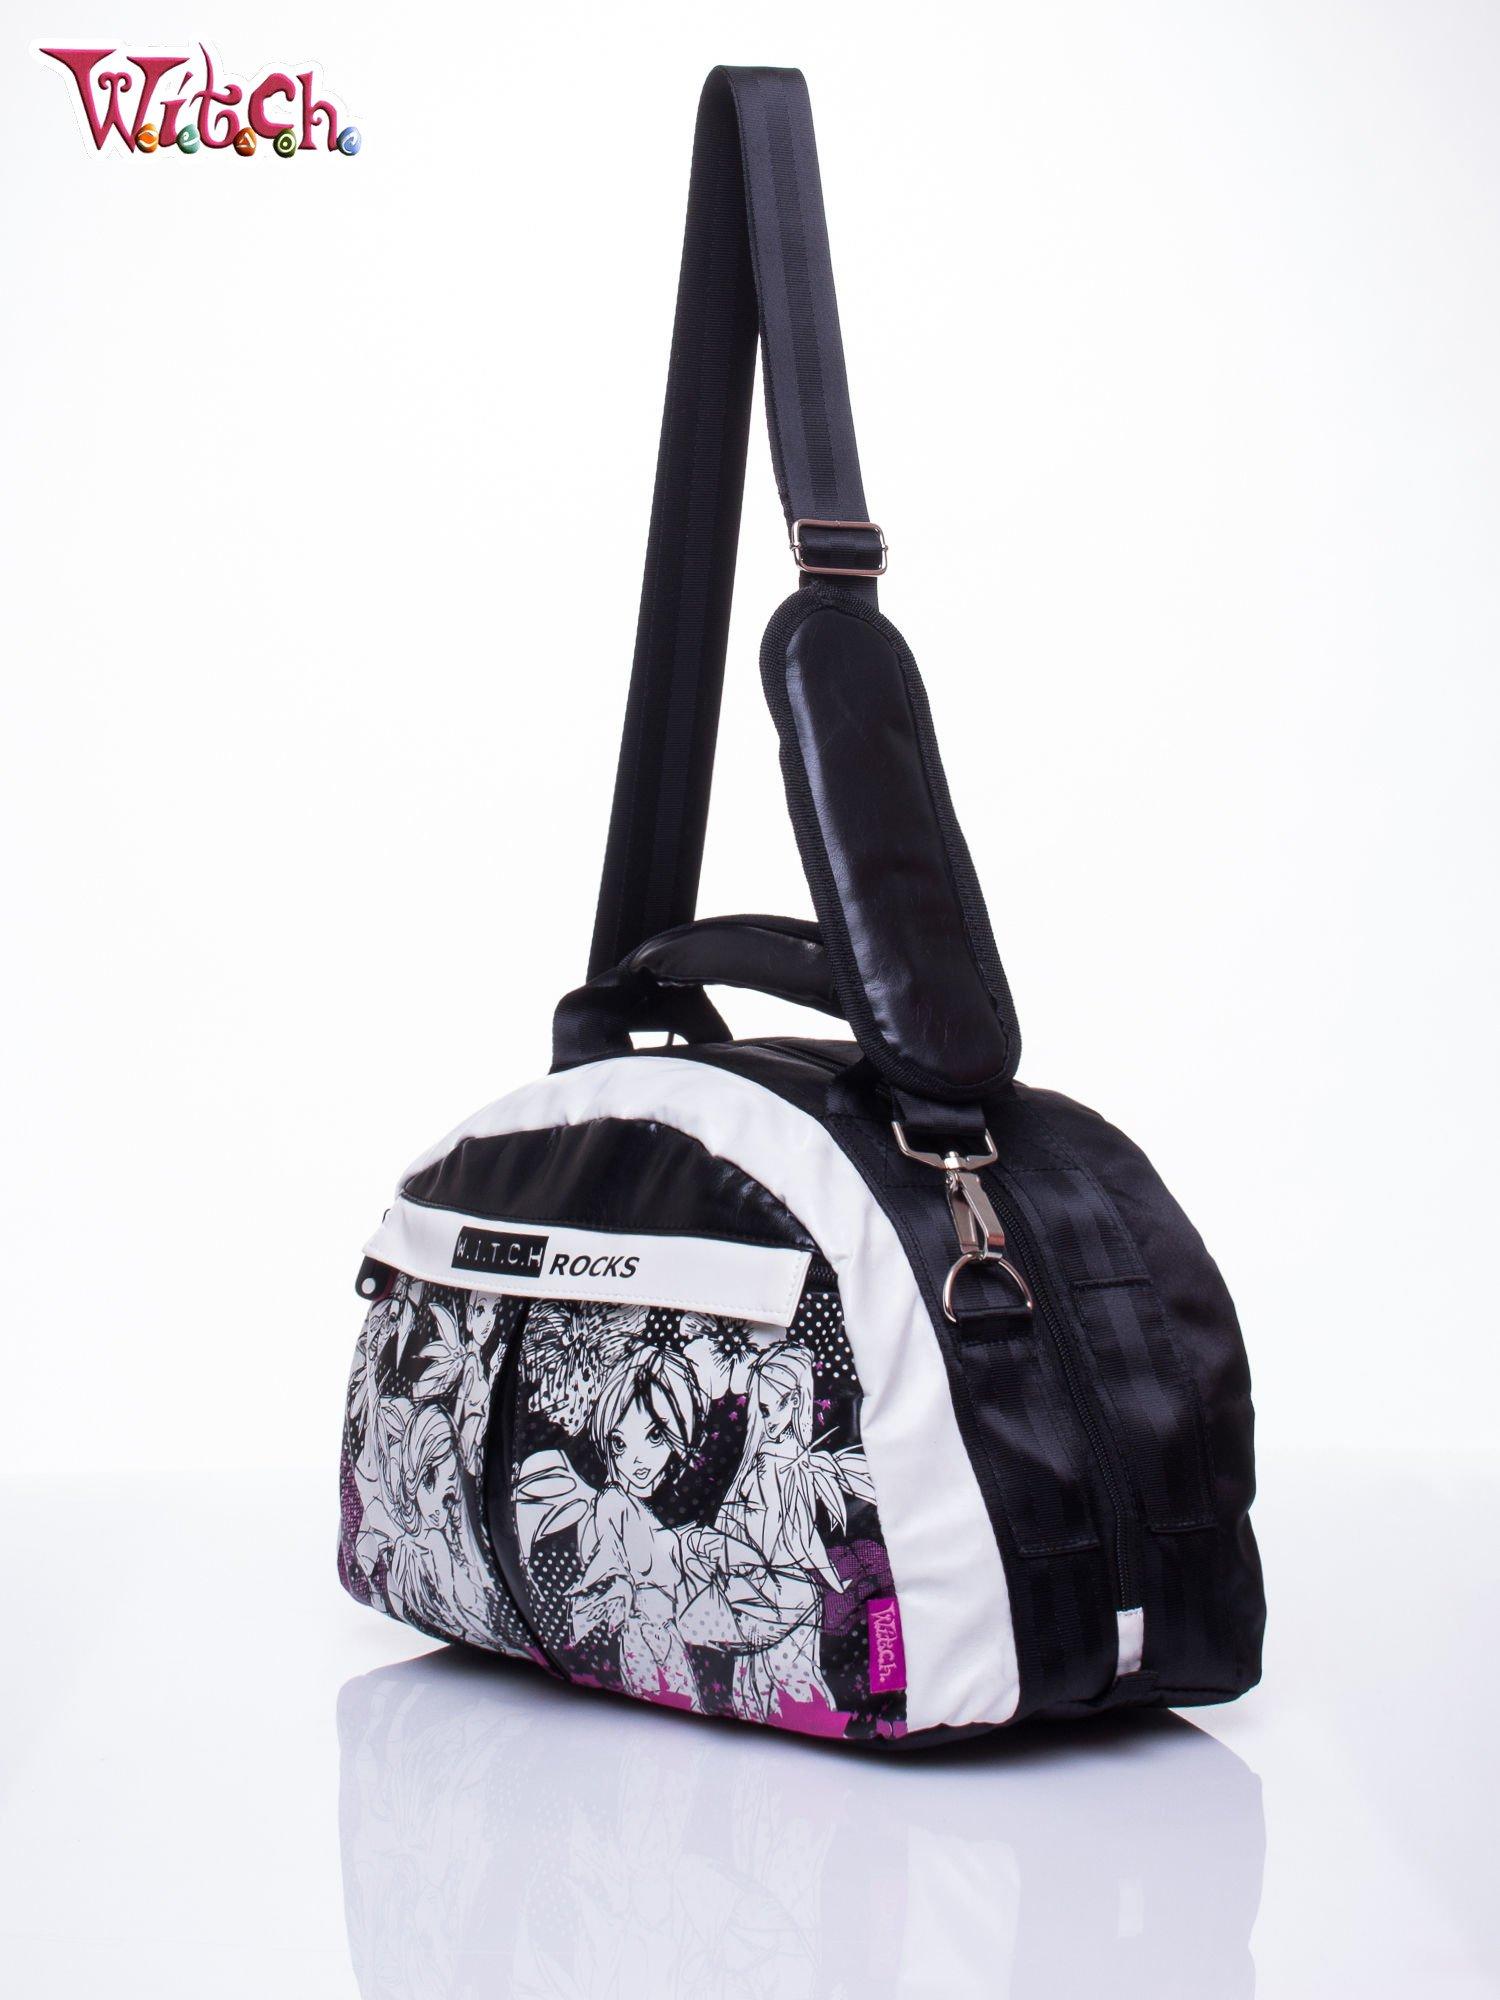 Czarna torba szkolna DISNEY Witch z odpinanym paskiem                                  zdj.                                  2